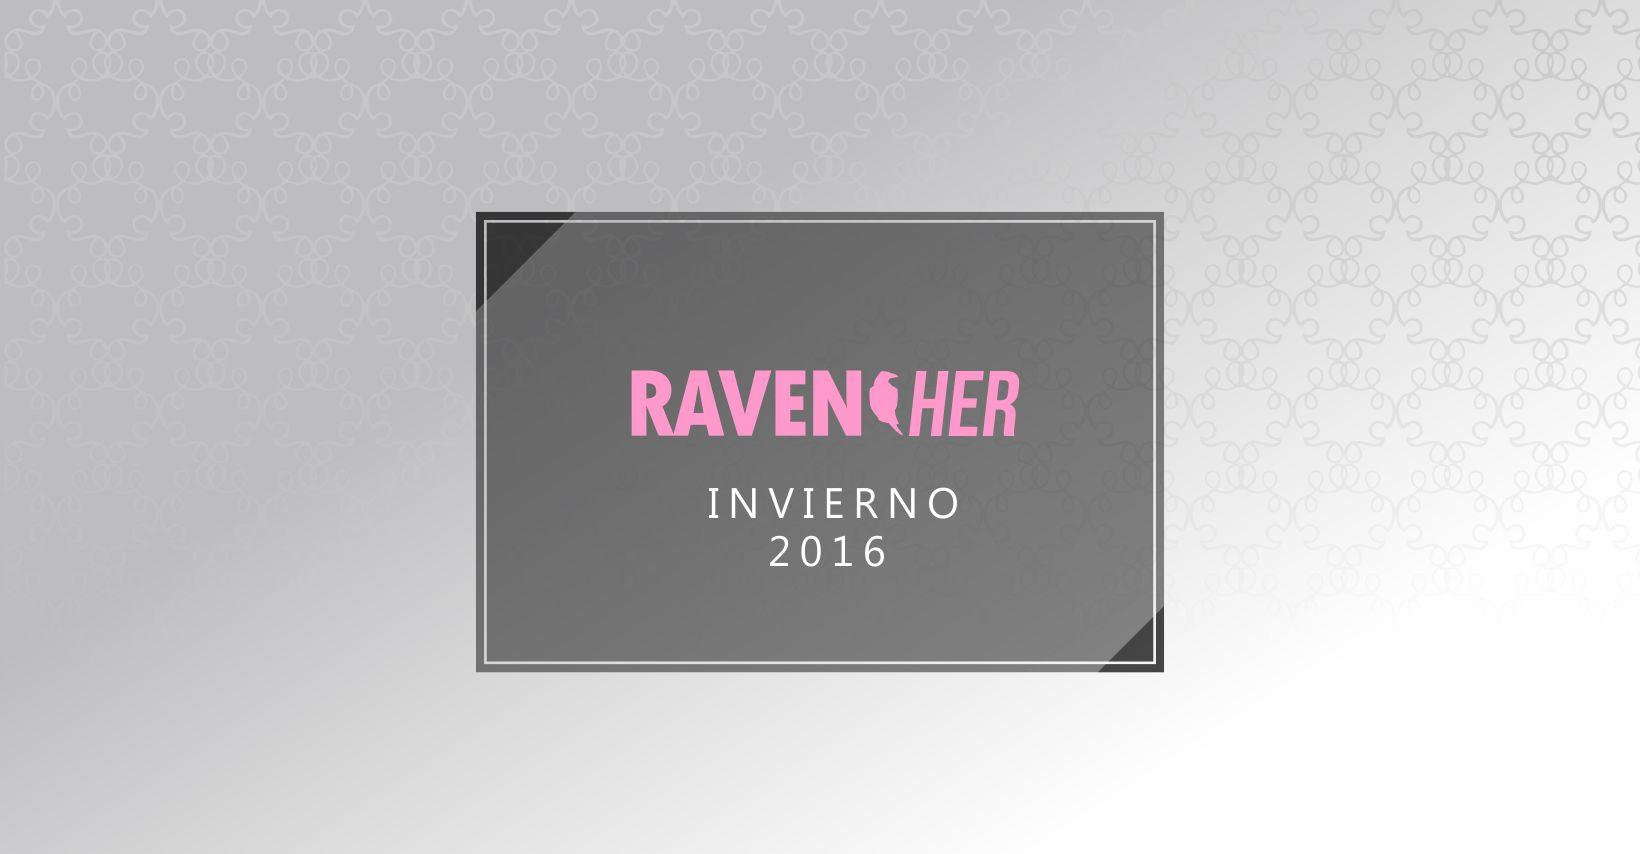 15- Tapa Raven her